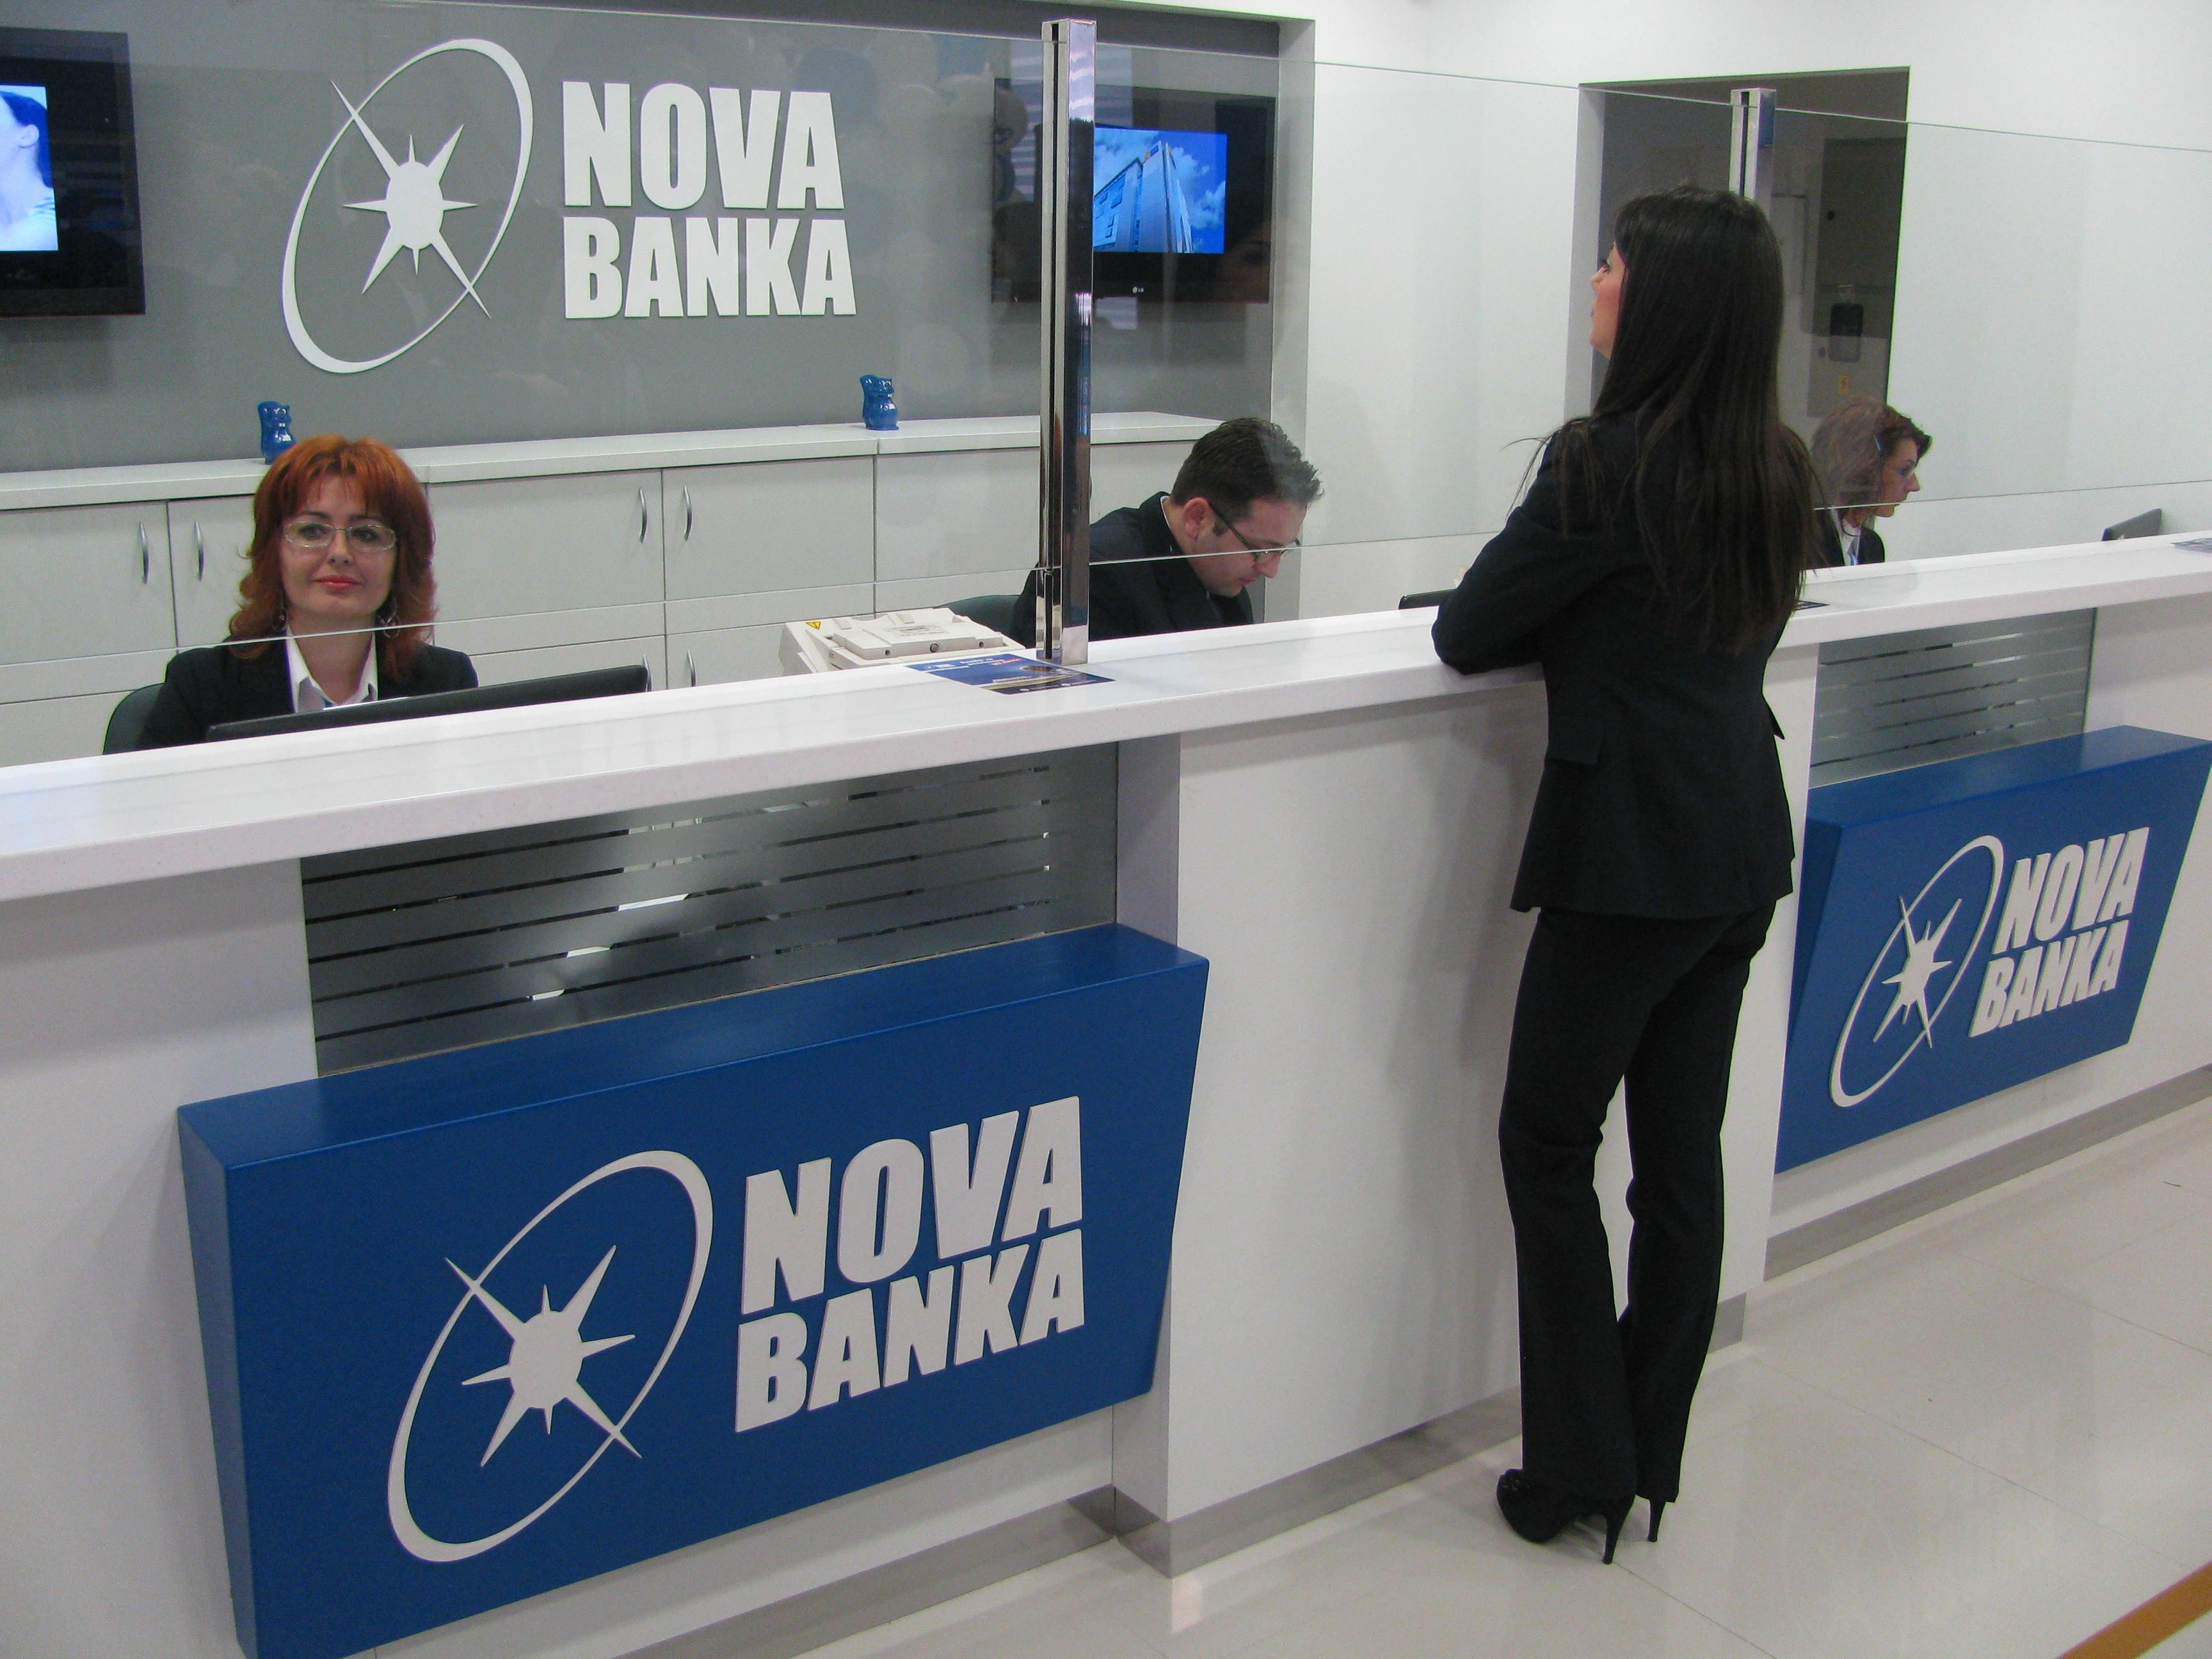 Otvorena poslovnica nove banke u centru banjaluke